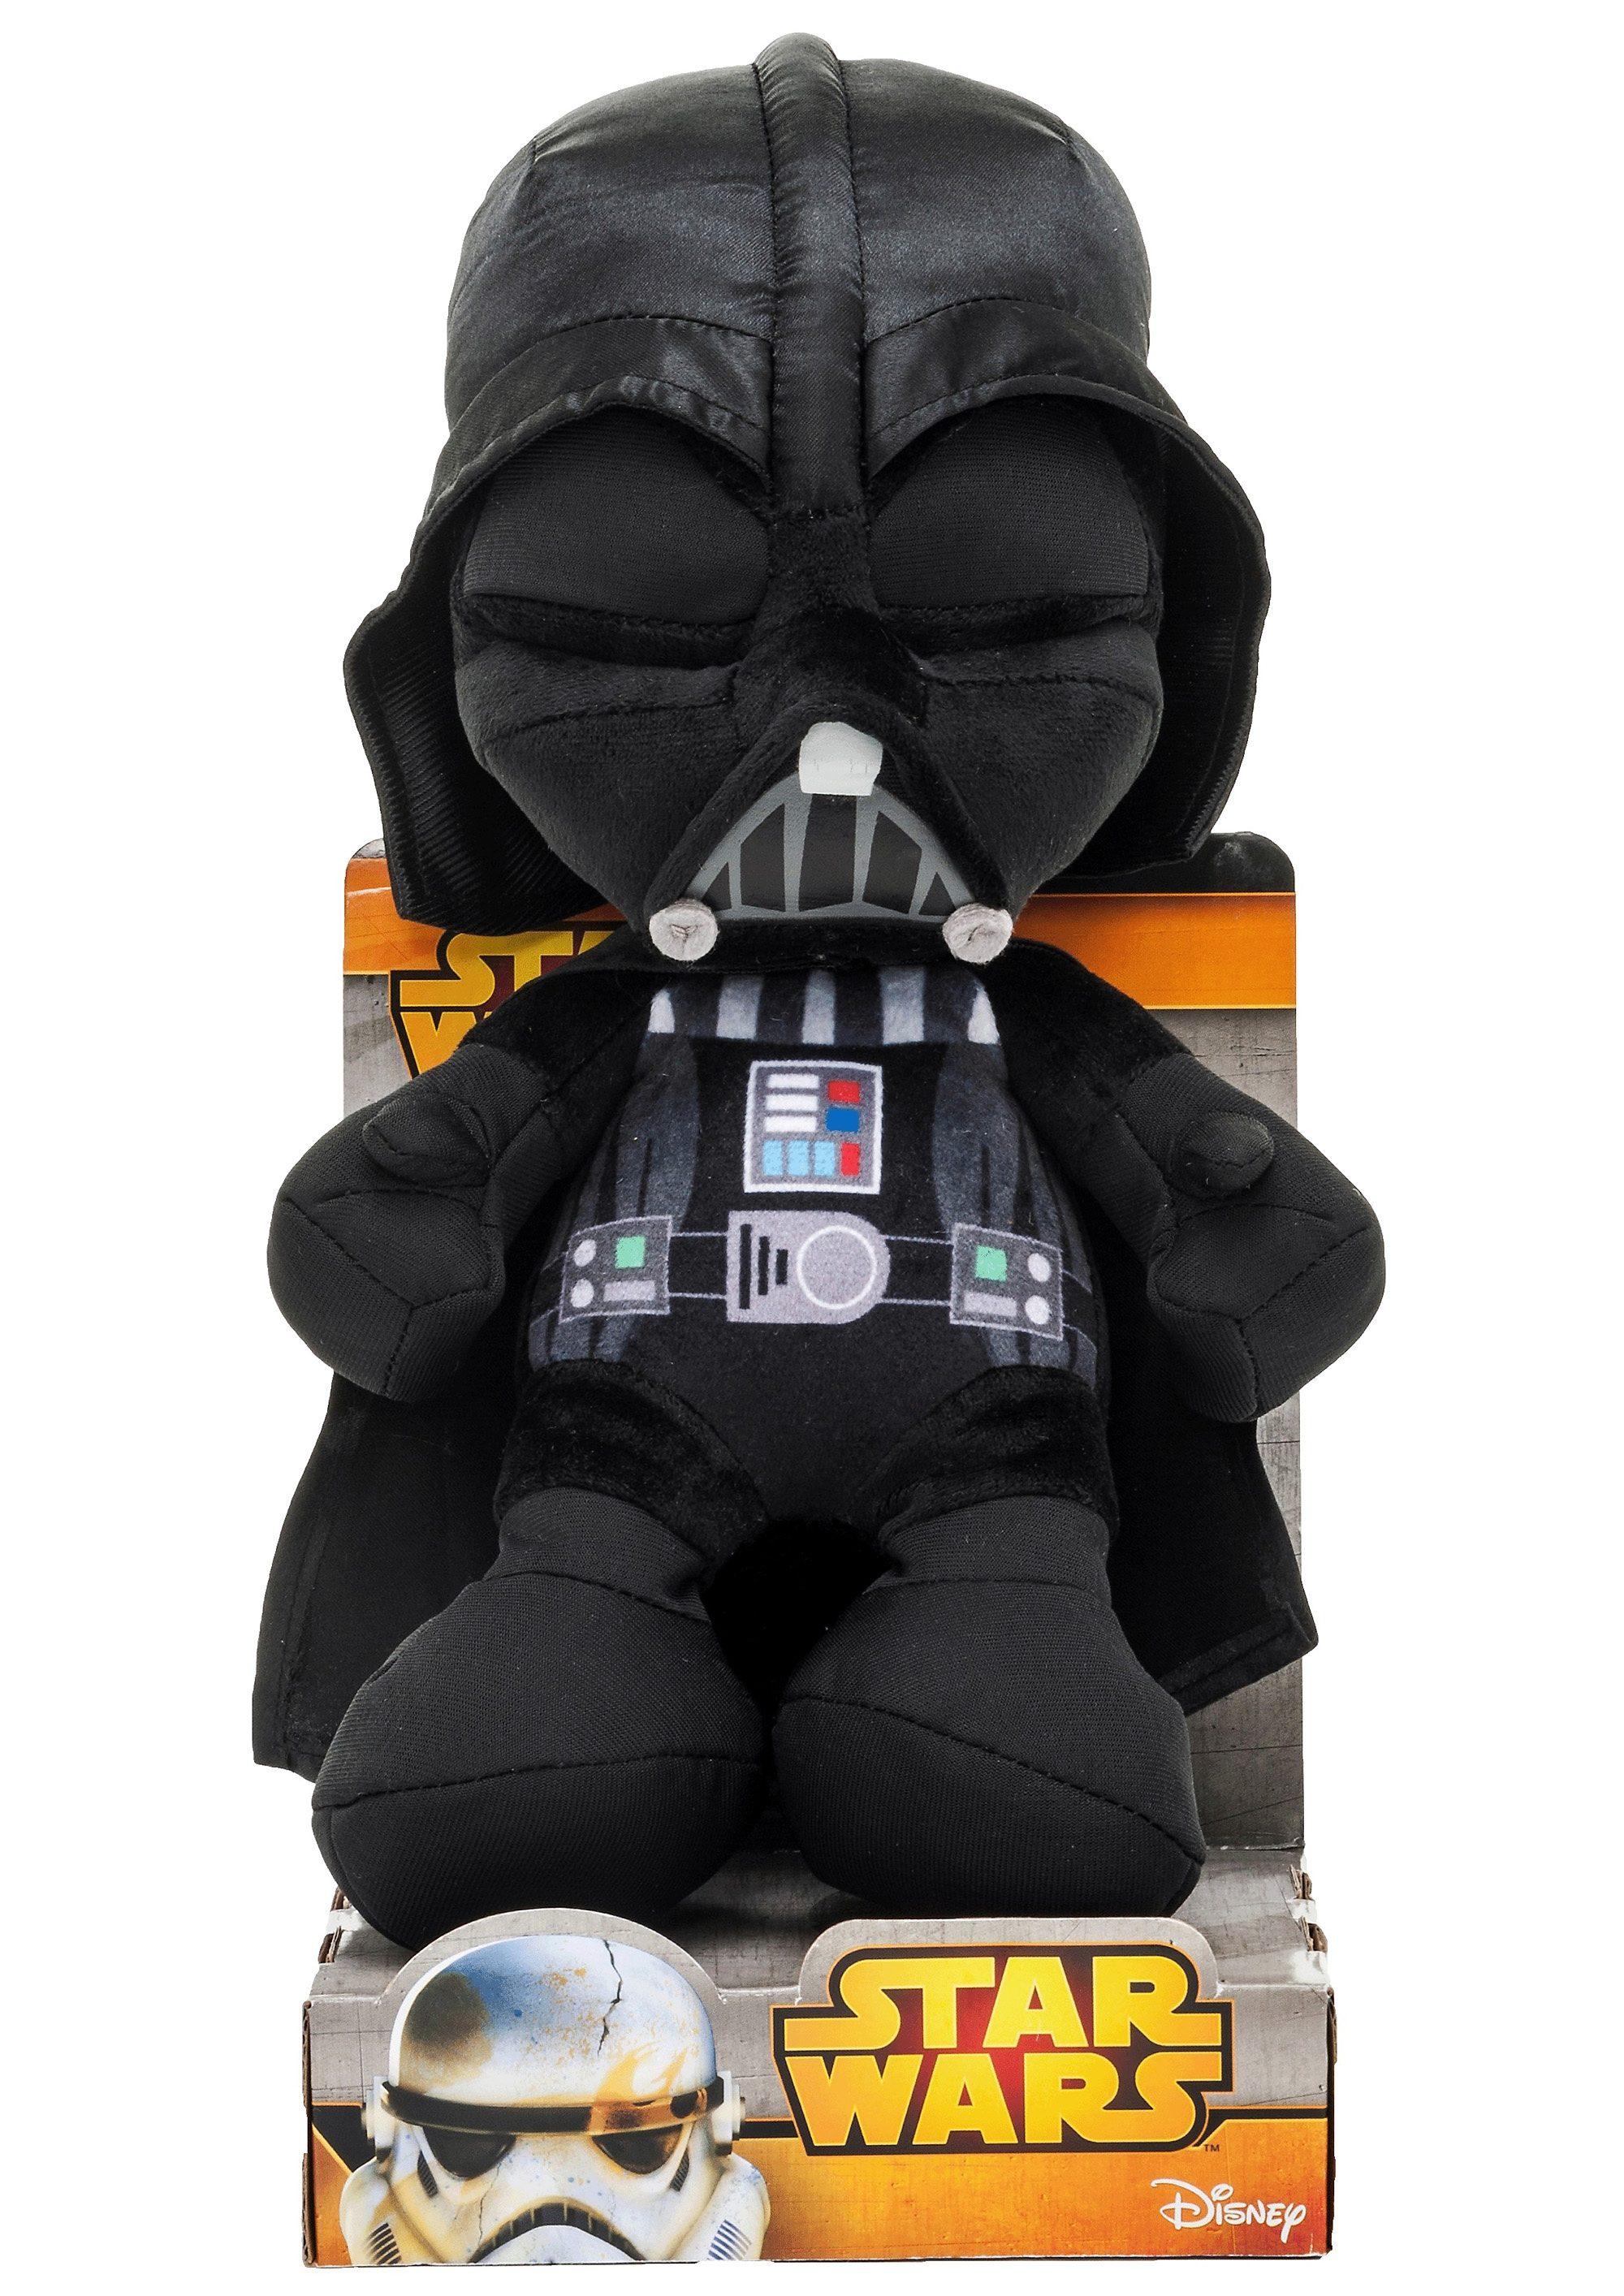 JOY TOY Plüschfigur, »Star Wars - Darth Vader«